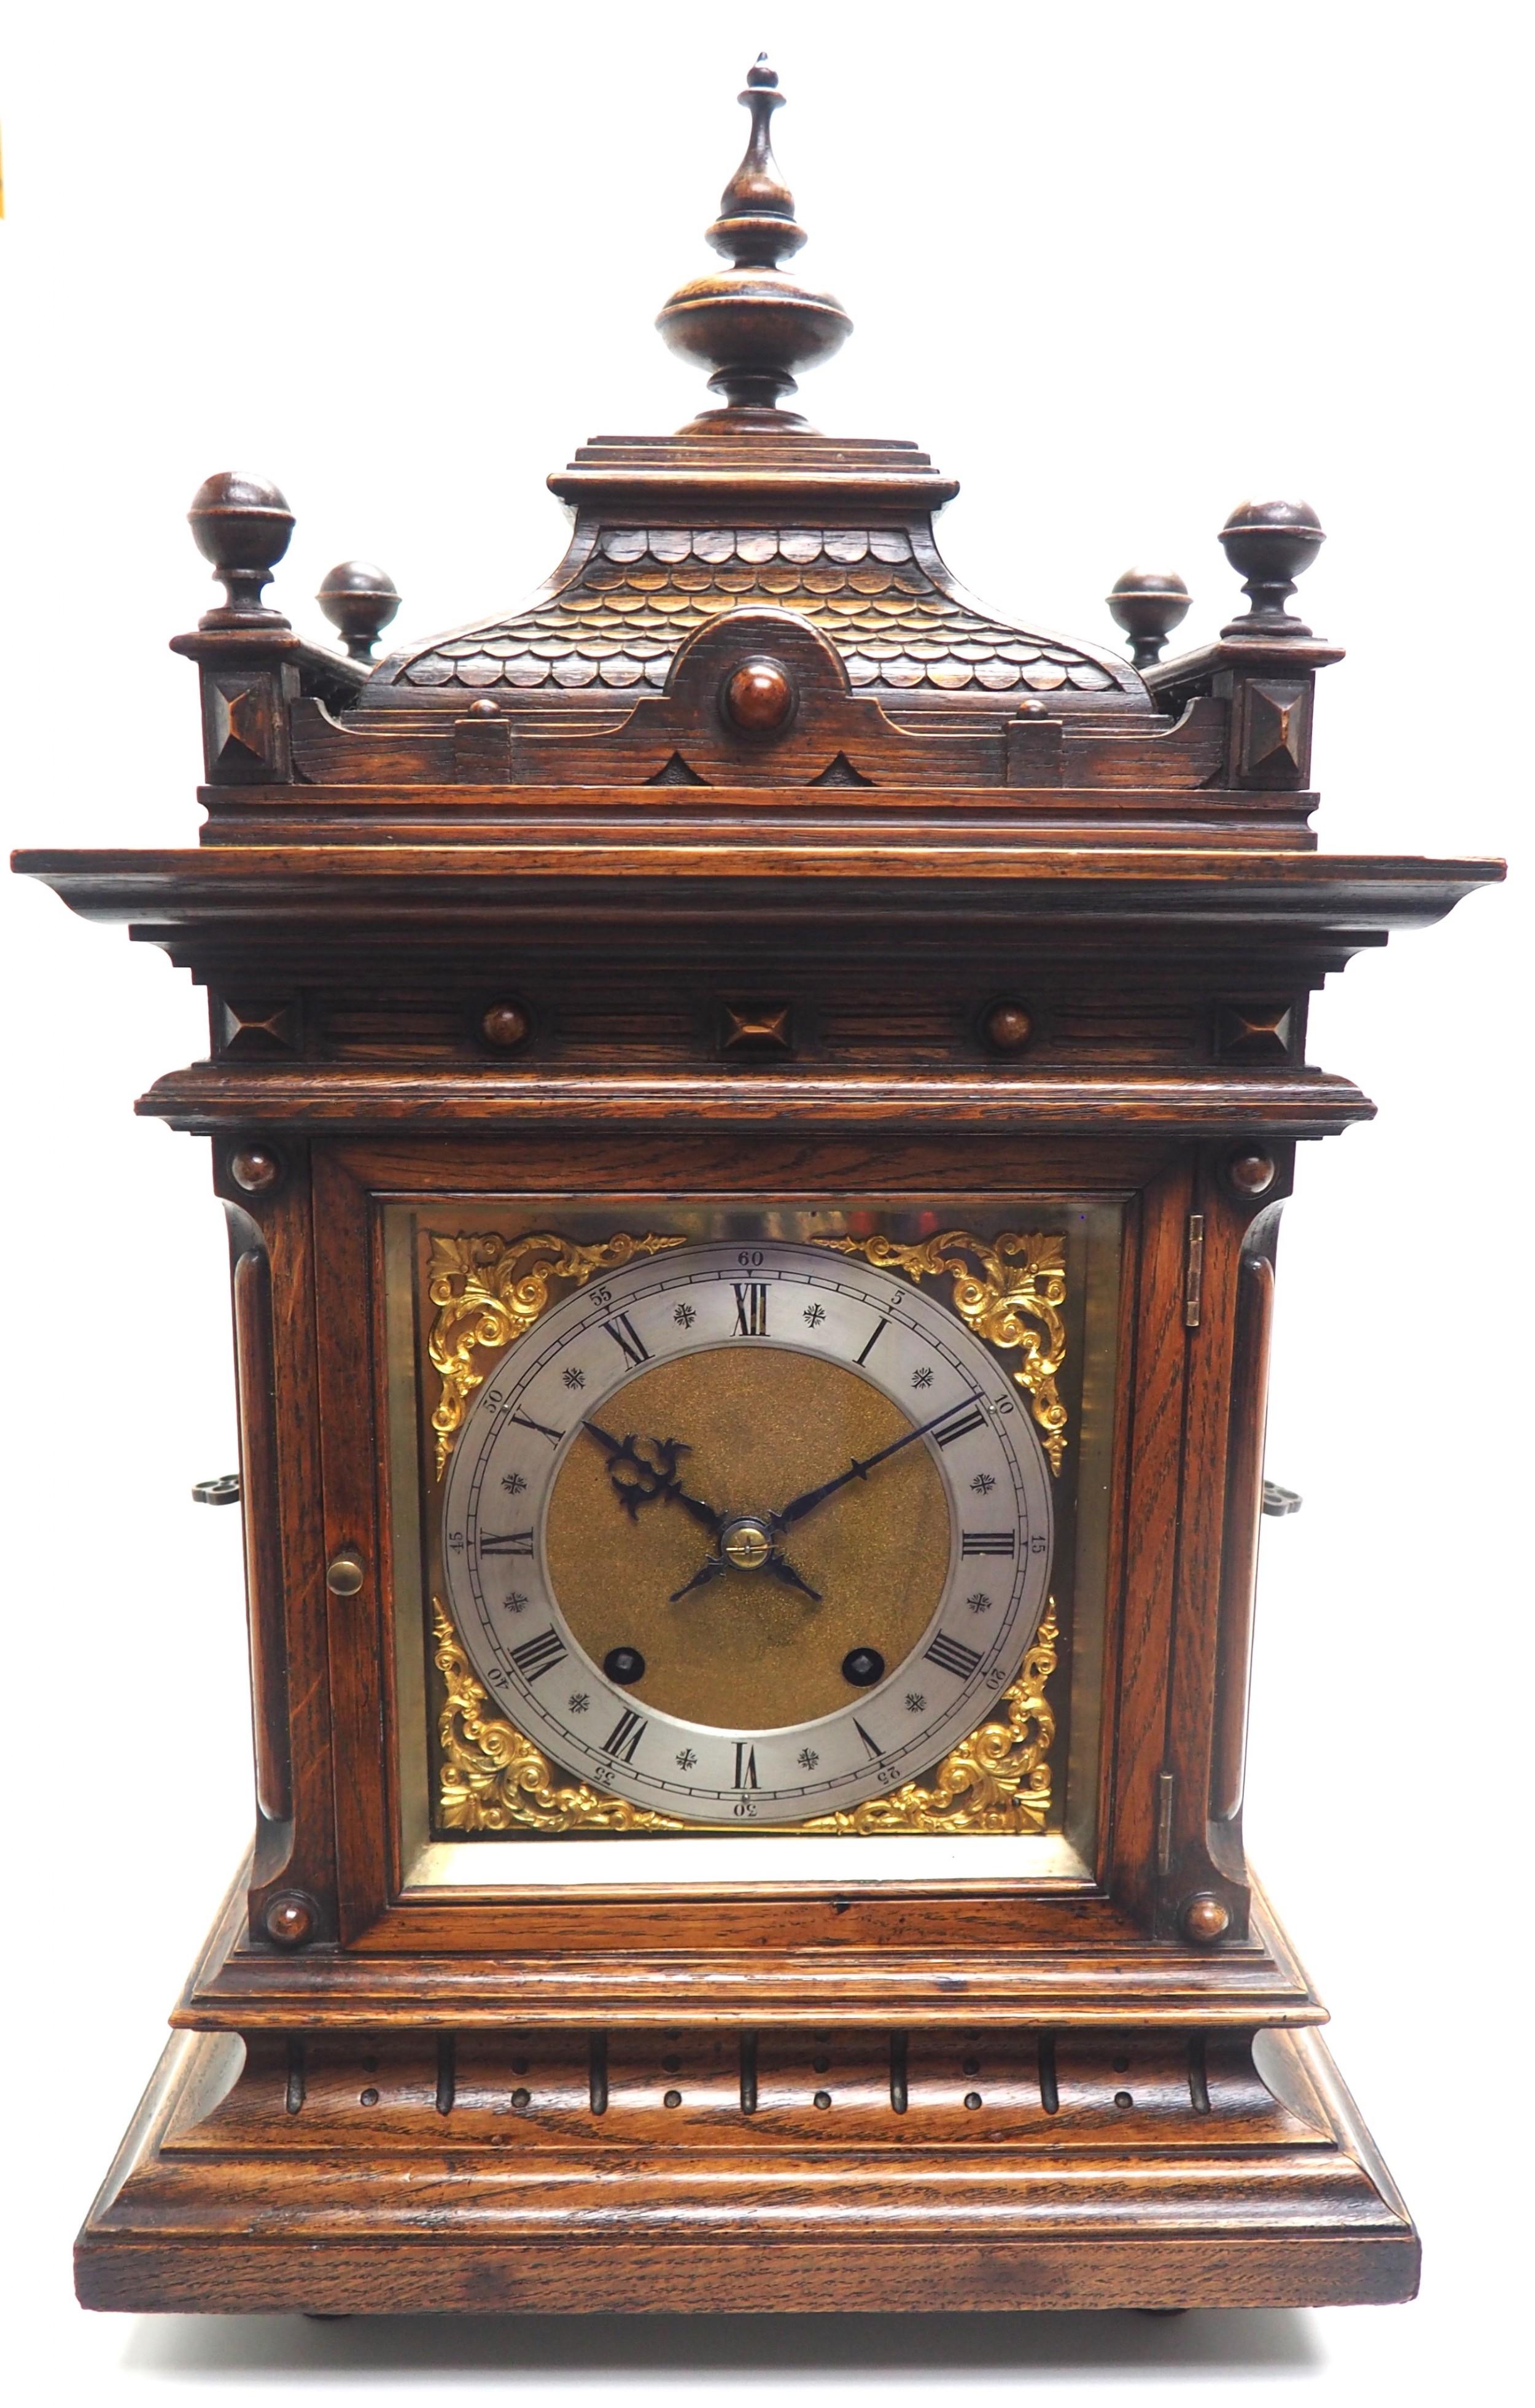 superb antique german carved oak 8day mantel clock quarter striking bracket clock by wh